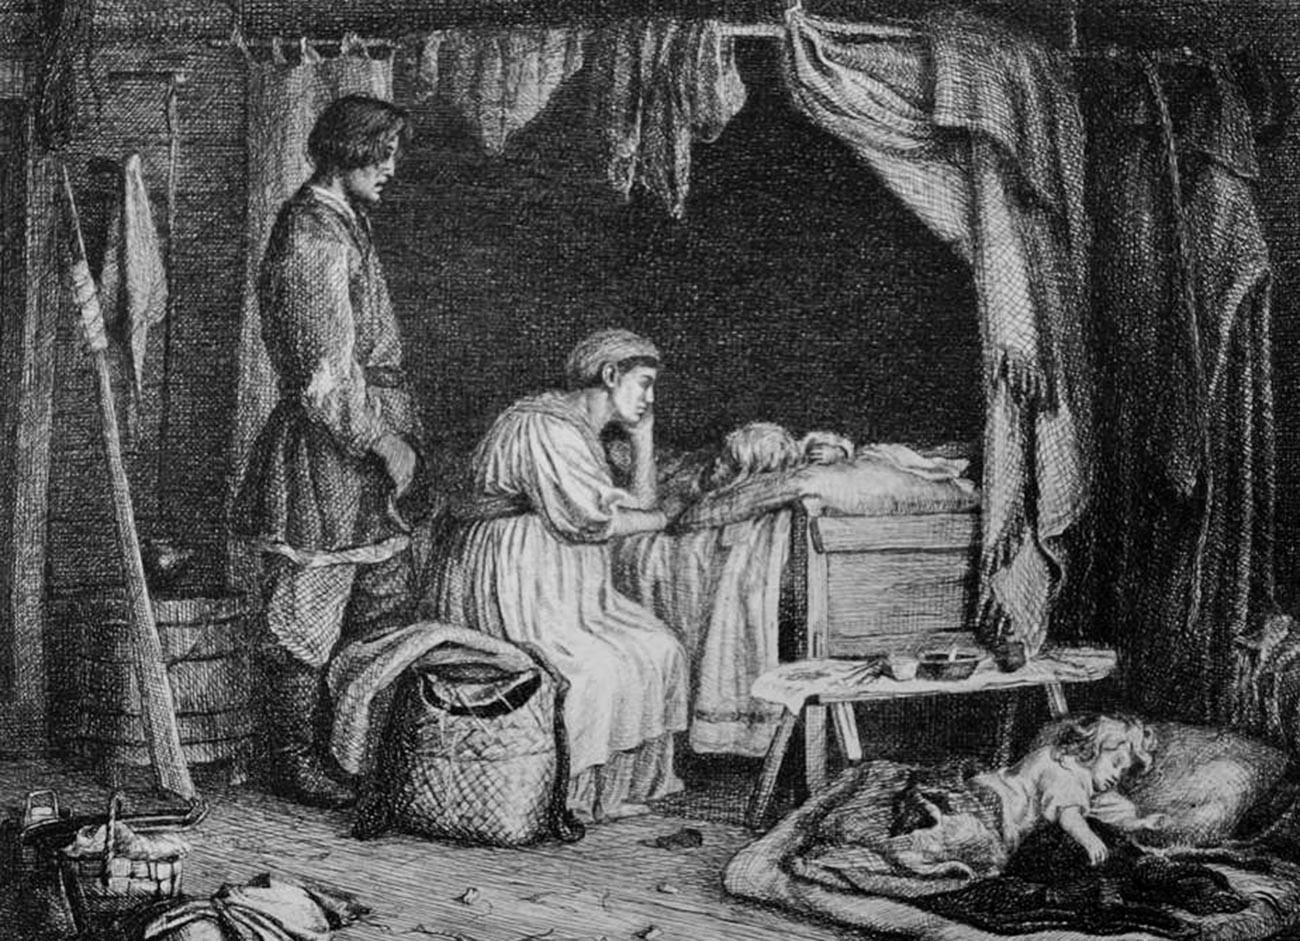 La mayoría de las familias campesinas de Rusia eran terriblemente pobres. Nacían muchos niños, pero muchos morían en la infancia.